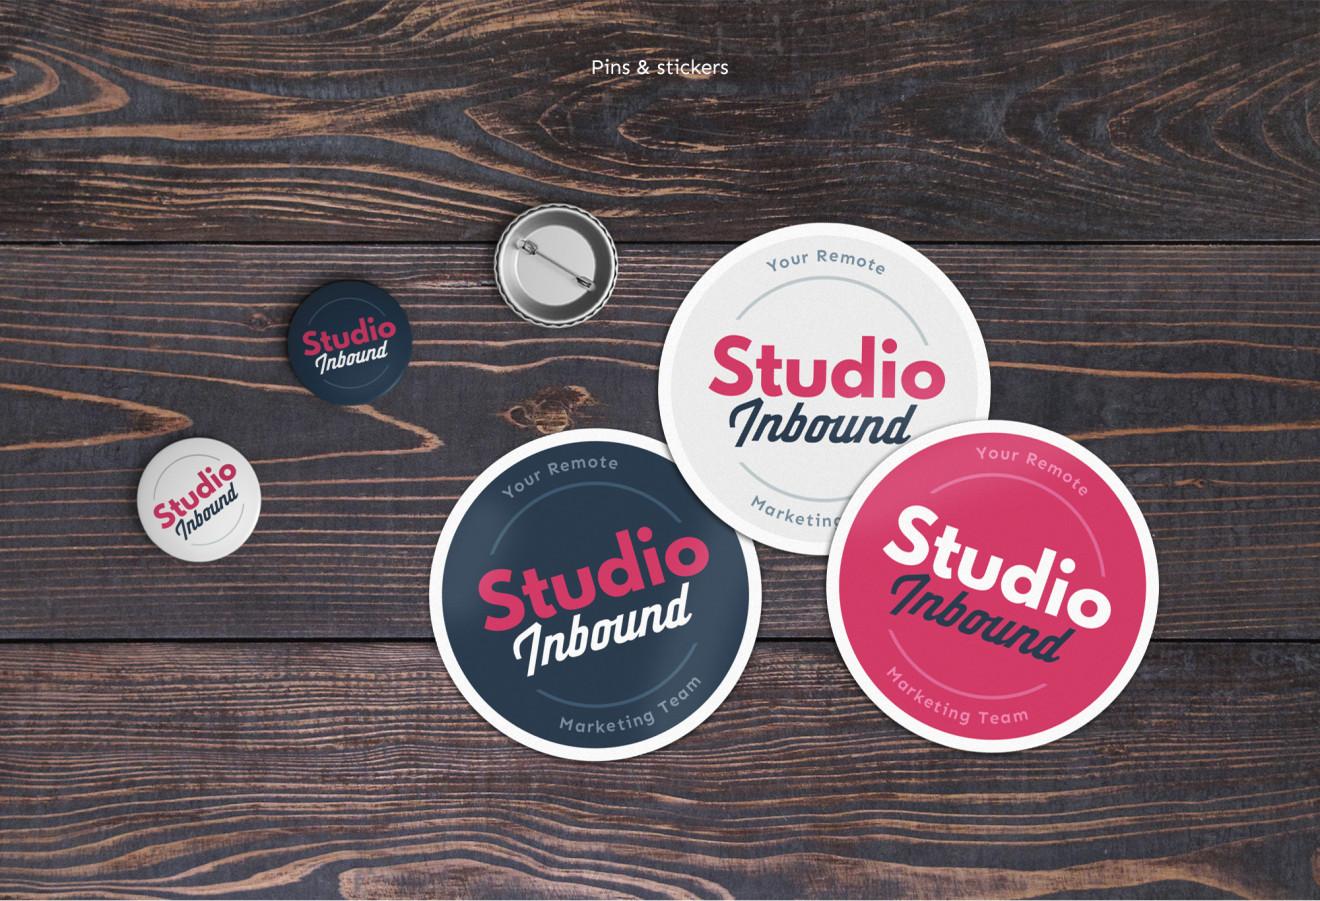 StudioInbound_presentation_01_11